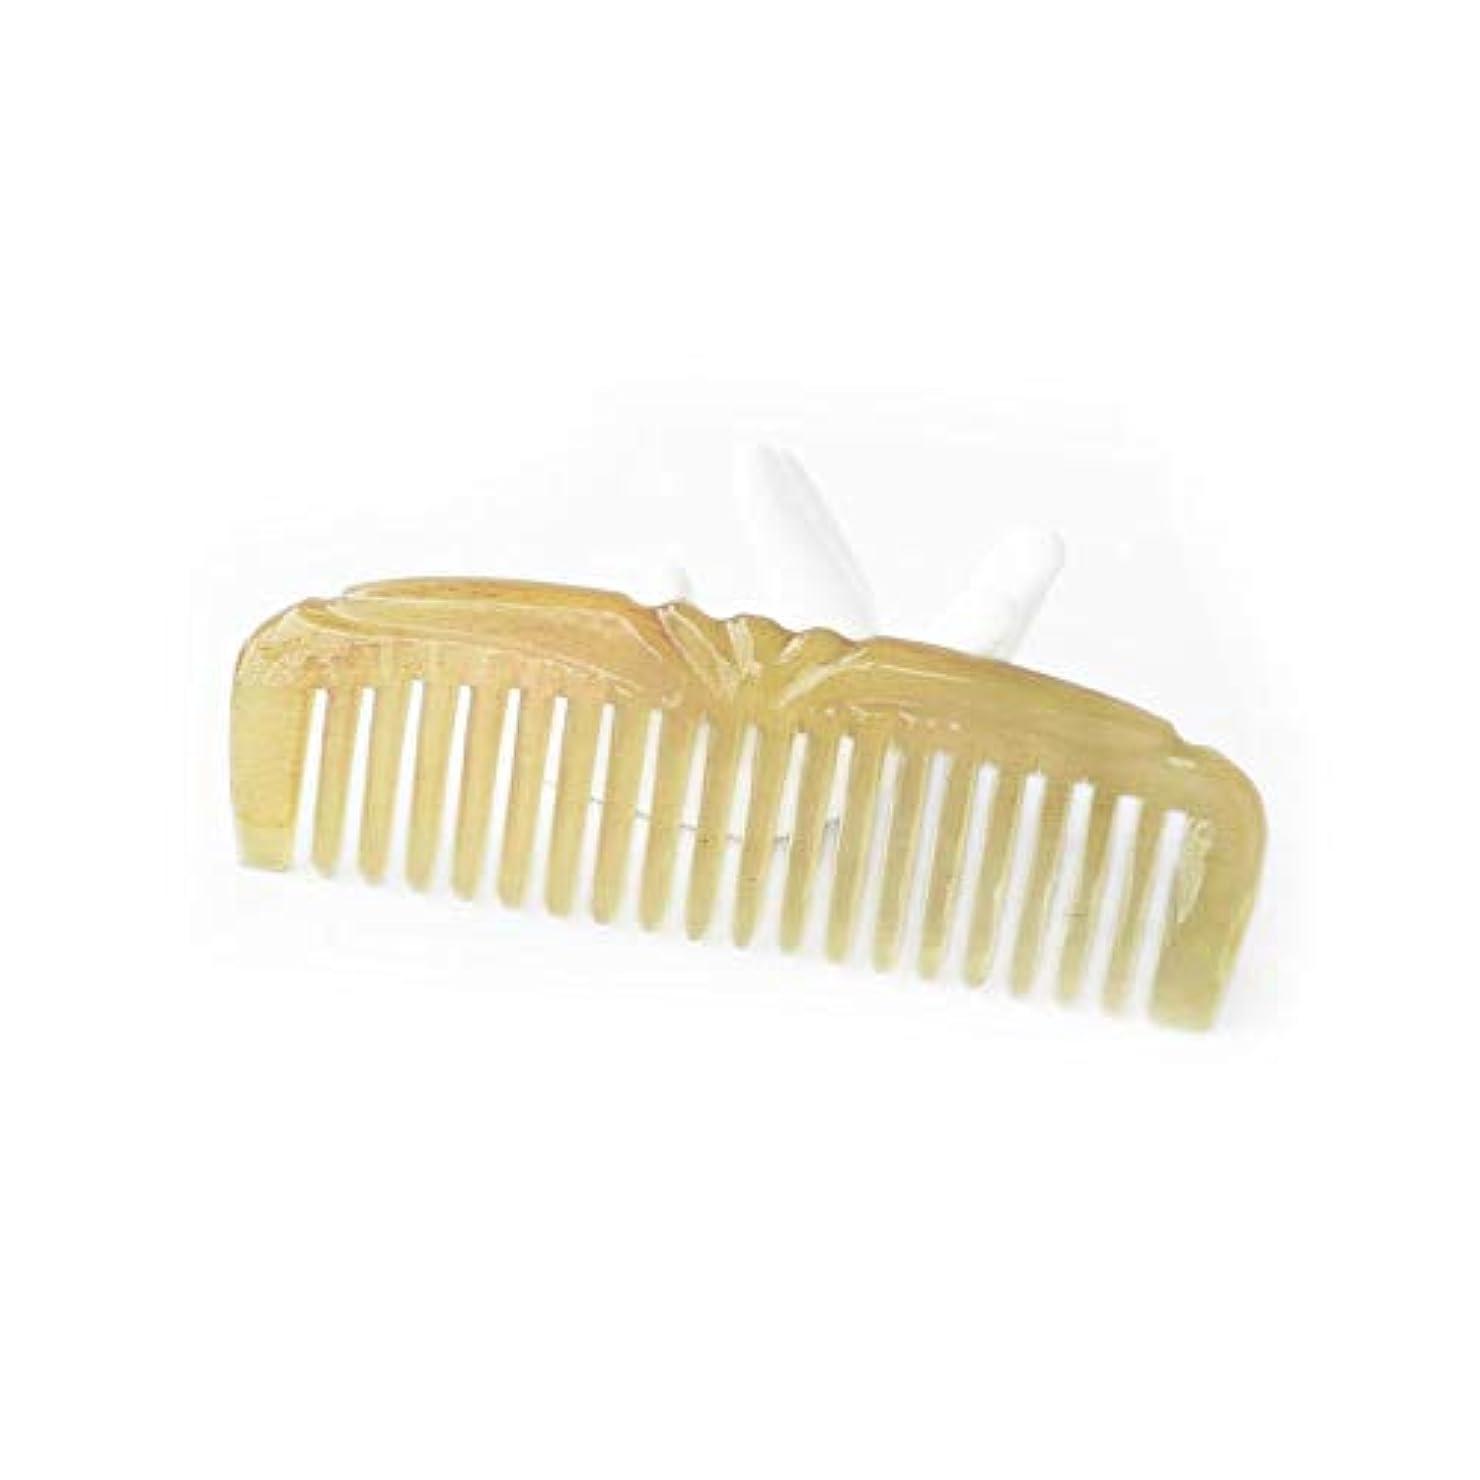 ダイアクリティカルバー北方Fashian手づくりナチュラルバッファローホーン櫛ムーンシェイプヘアブラシ(ワイド歯、歯ファイン) ヘアケア (色 : Fine tooth)